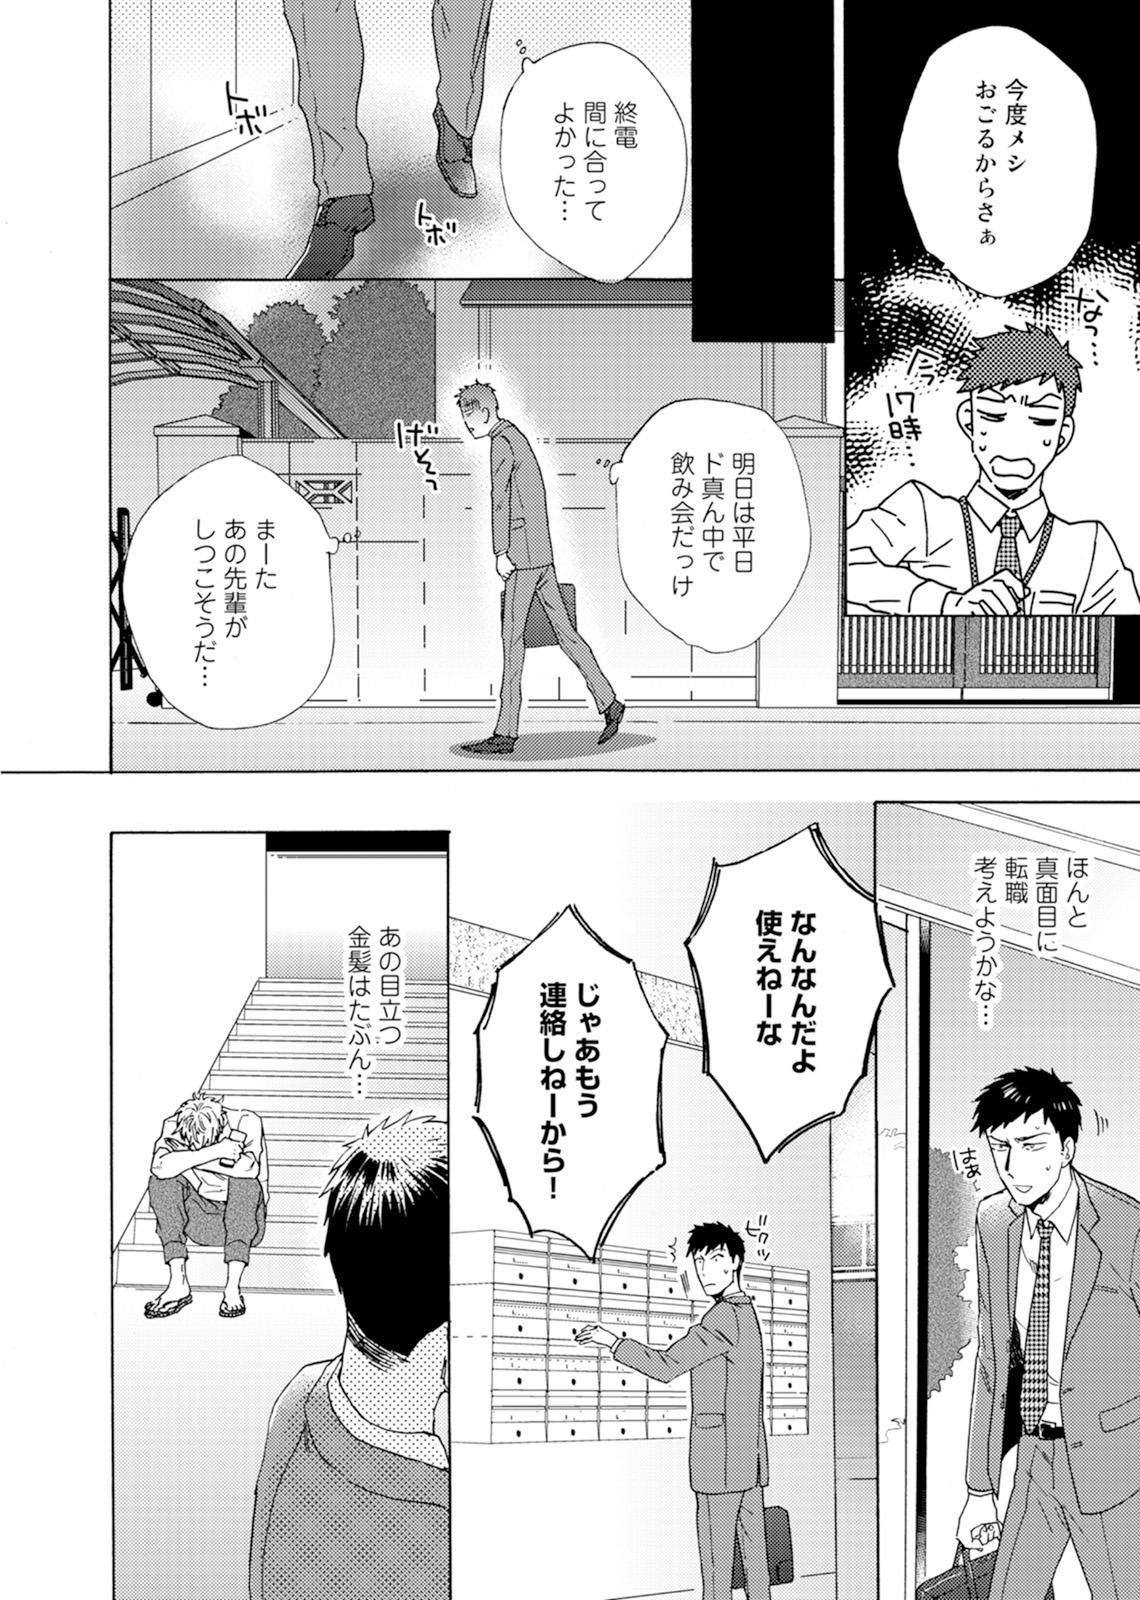 Uriotoko ni Kaiotoko 42